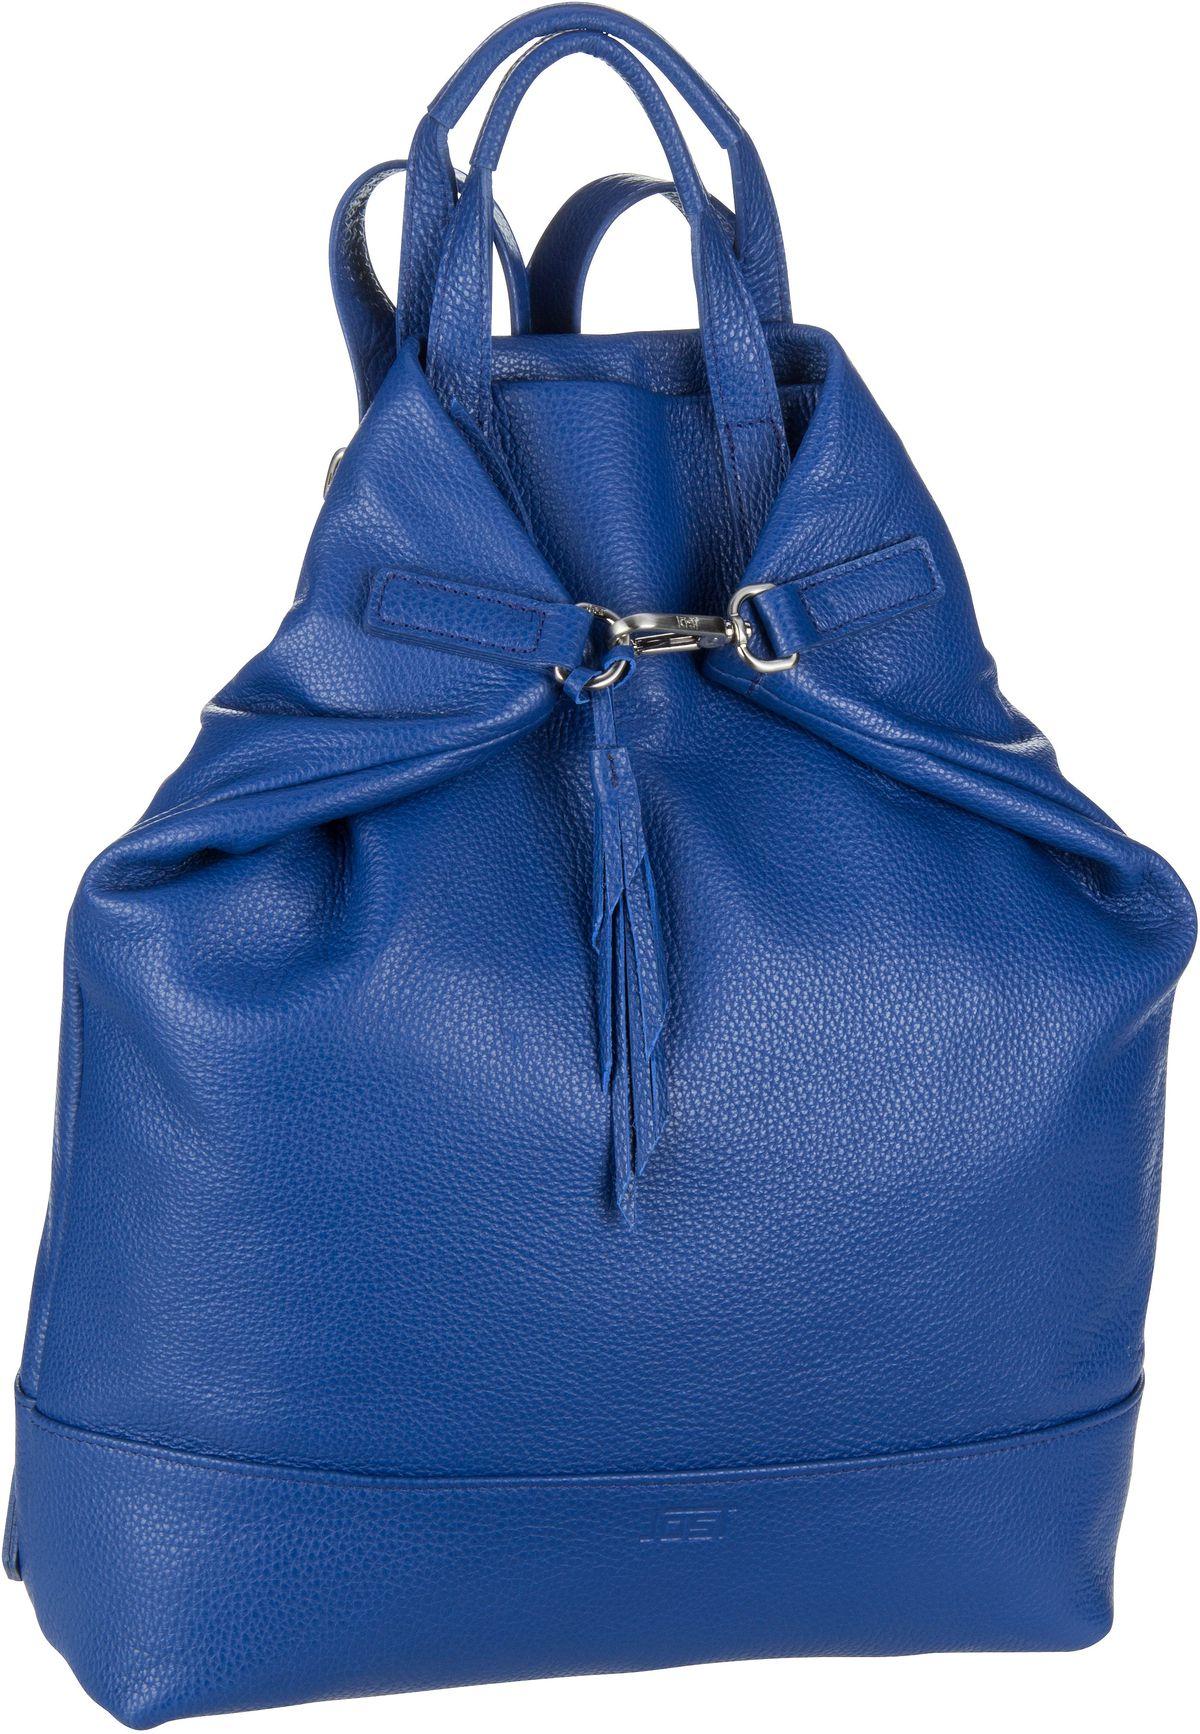 Rucksack / Daypack Vika 1839 X-Change Bag M Royalblue